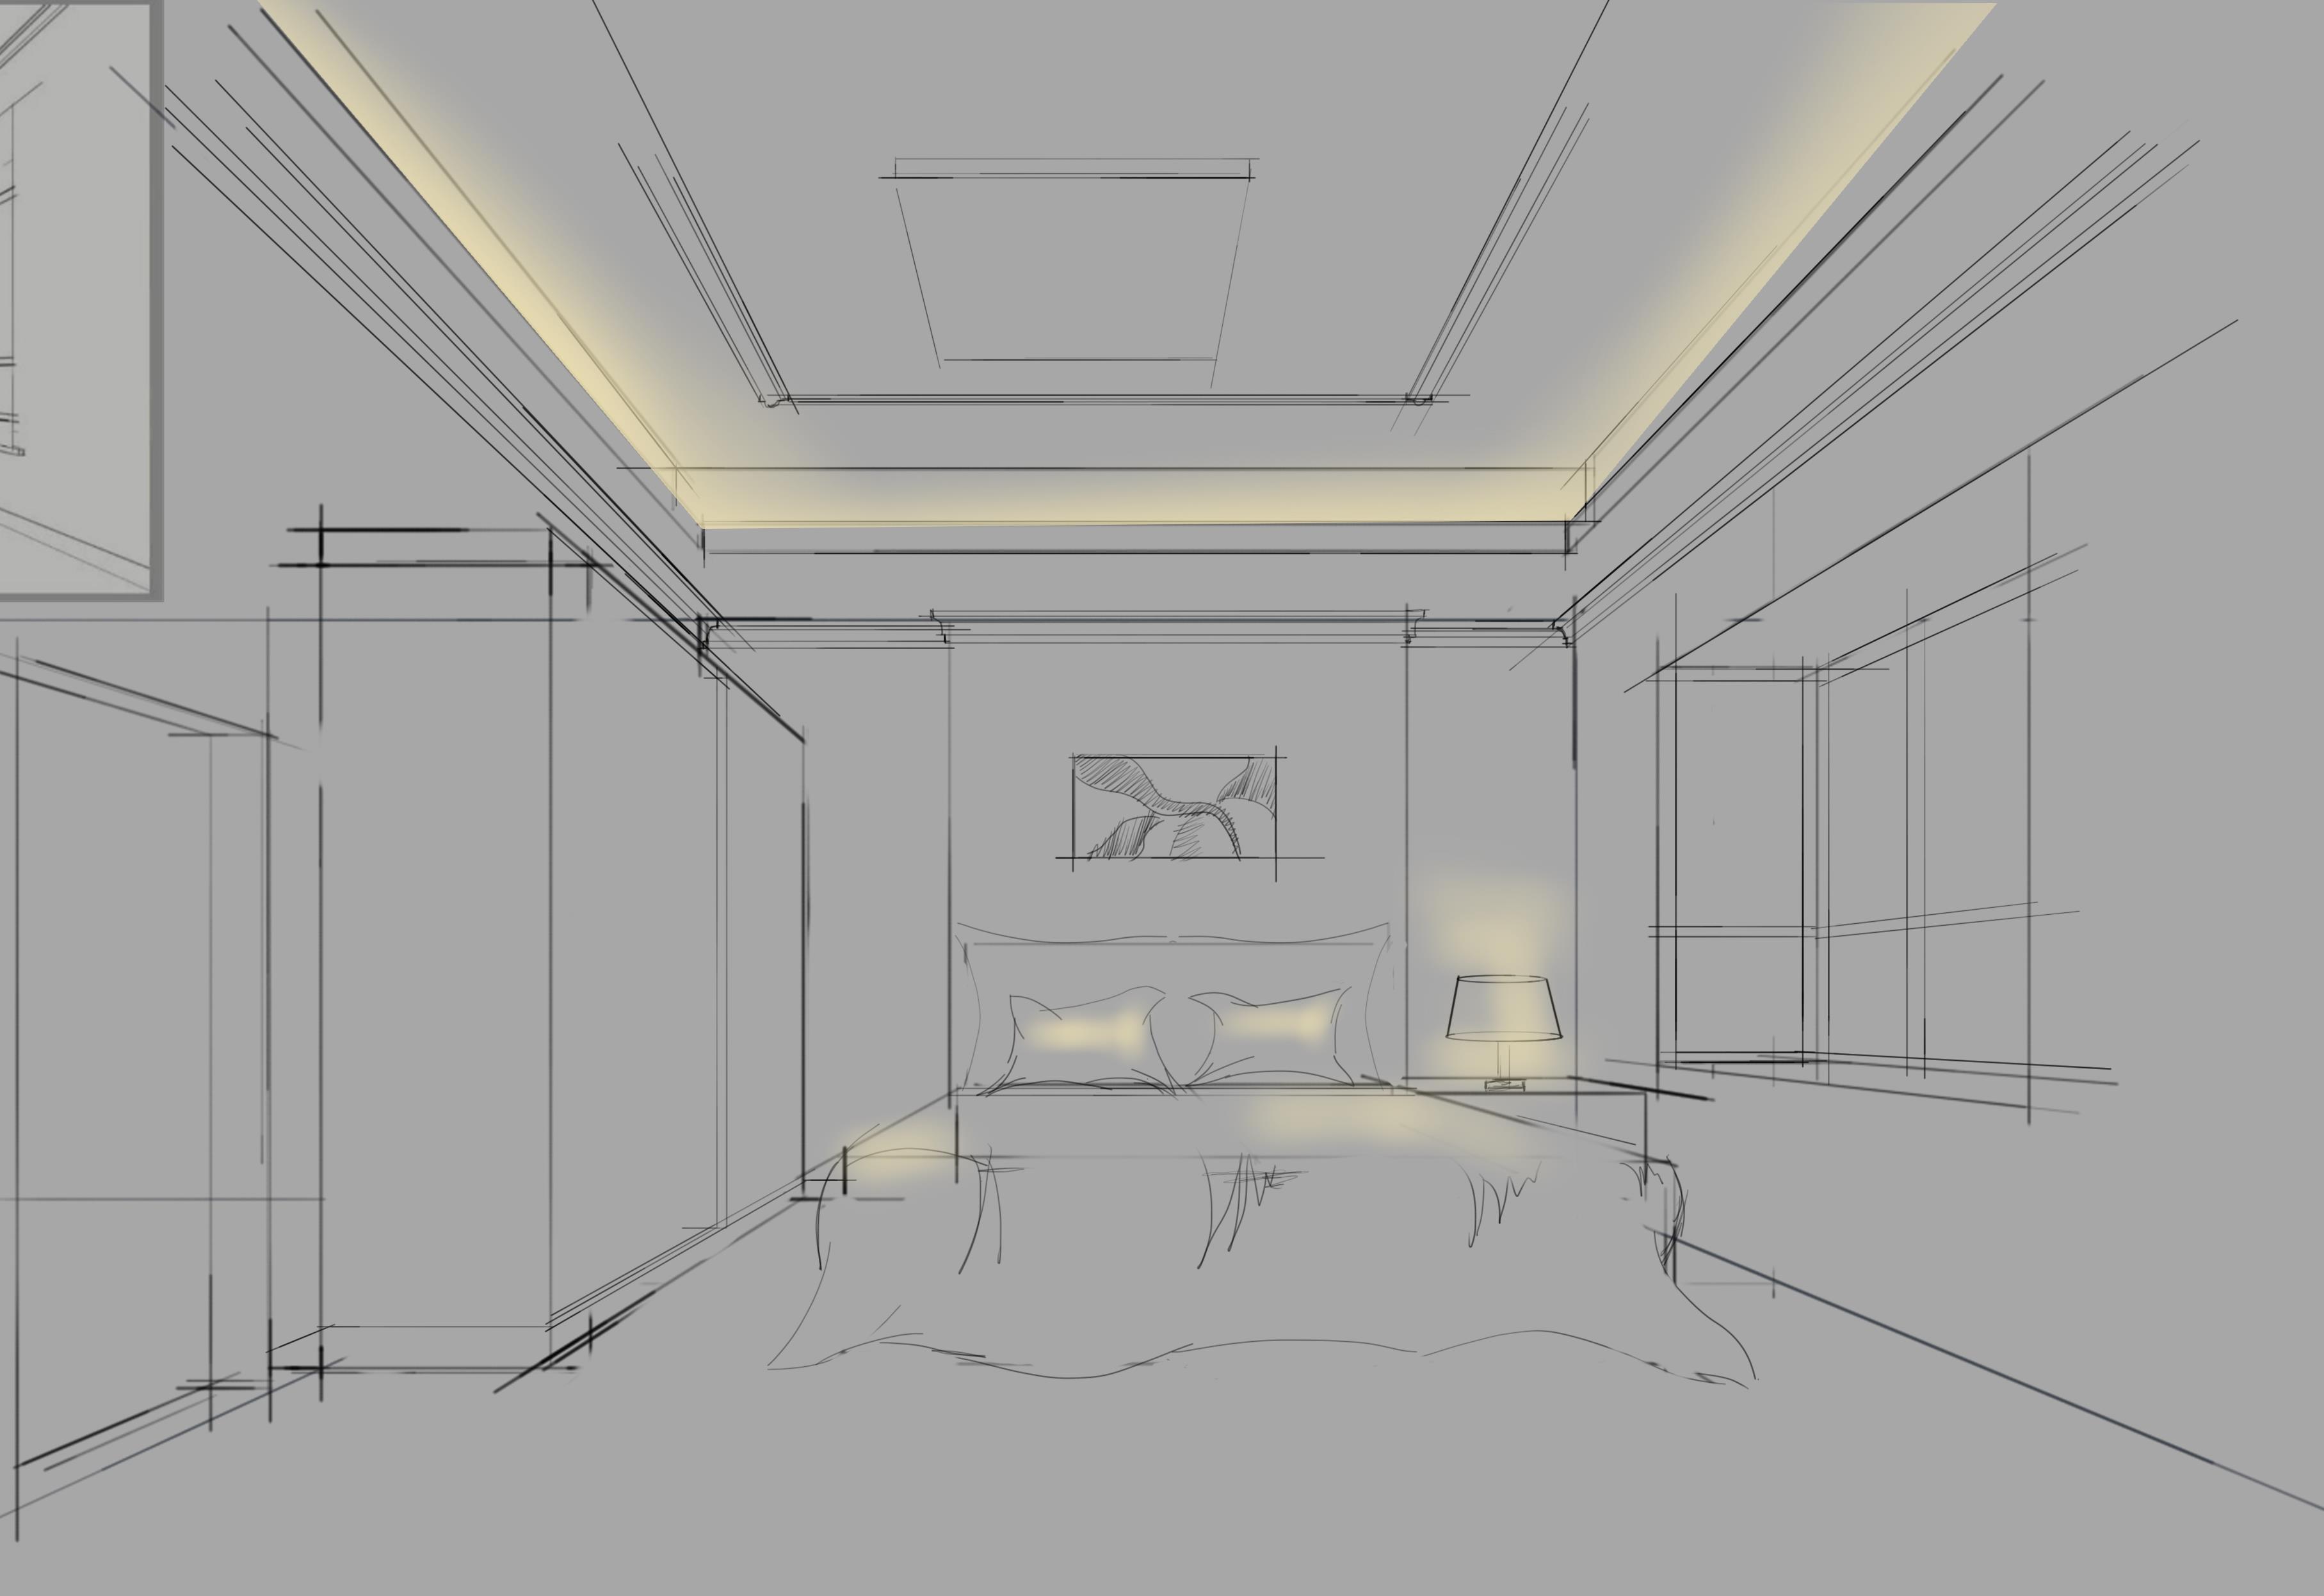 skb一点两点透视线稿|空间|室内设计|小明牛逼 - 原创